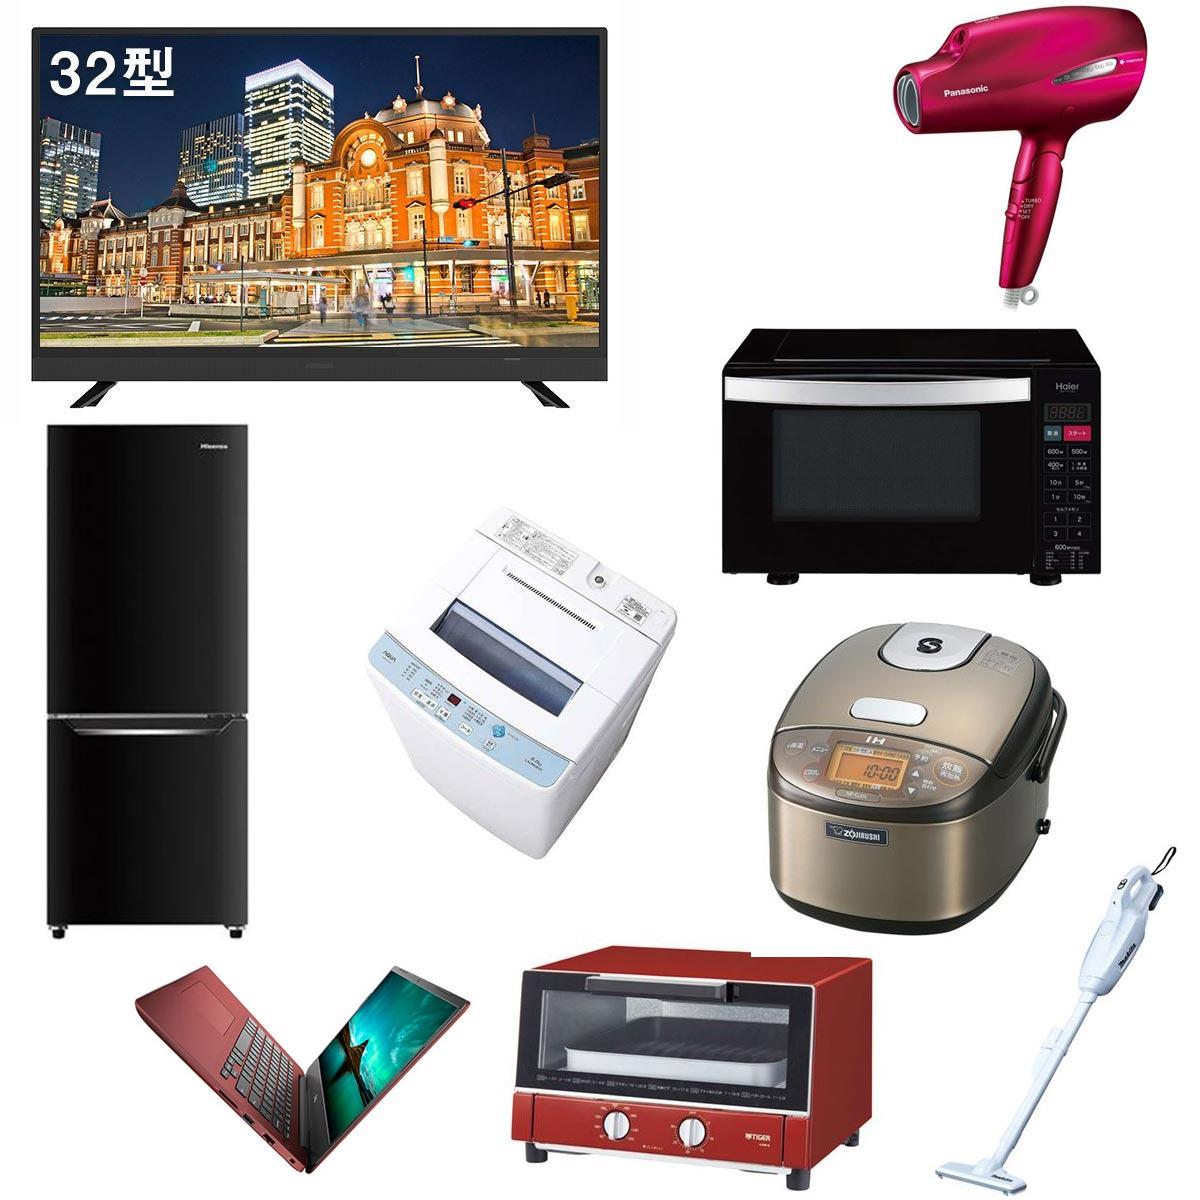 《2020年》一人暮らしの新生活に必要な家電リスト&おすすめ家電